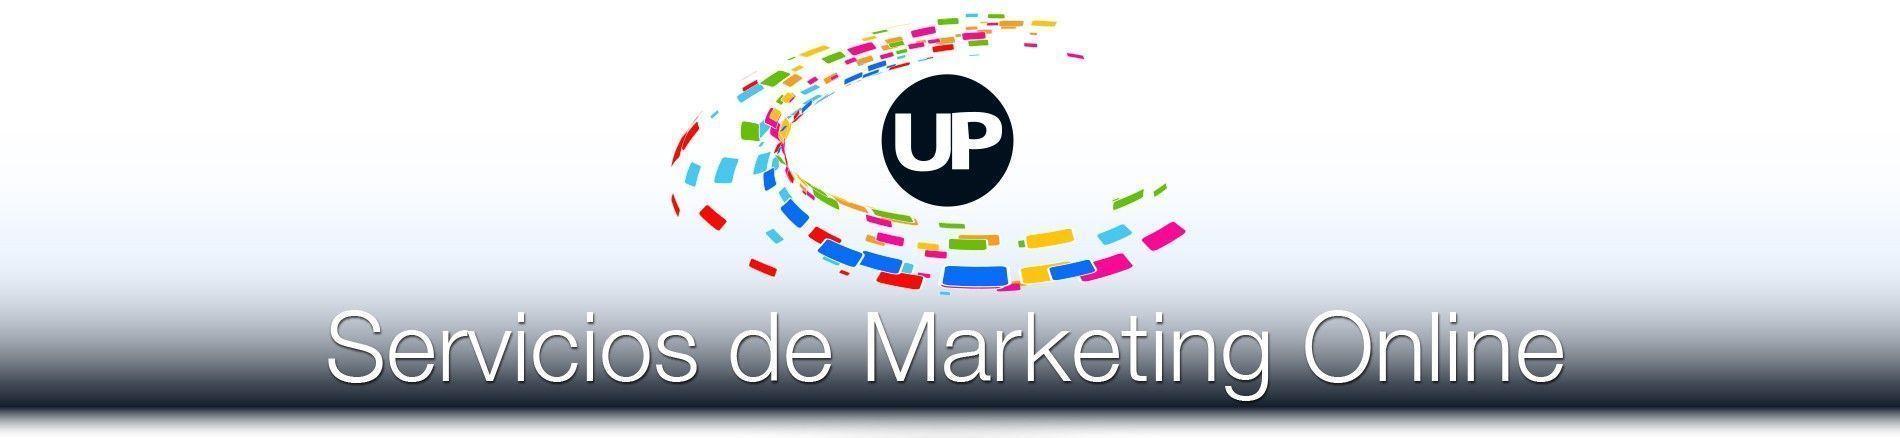 Universal Protocol, Servicios de Marketing online